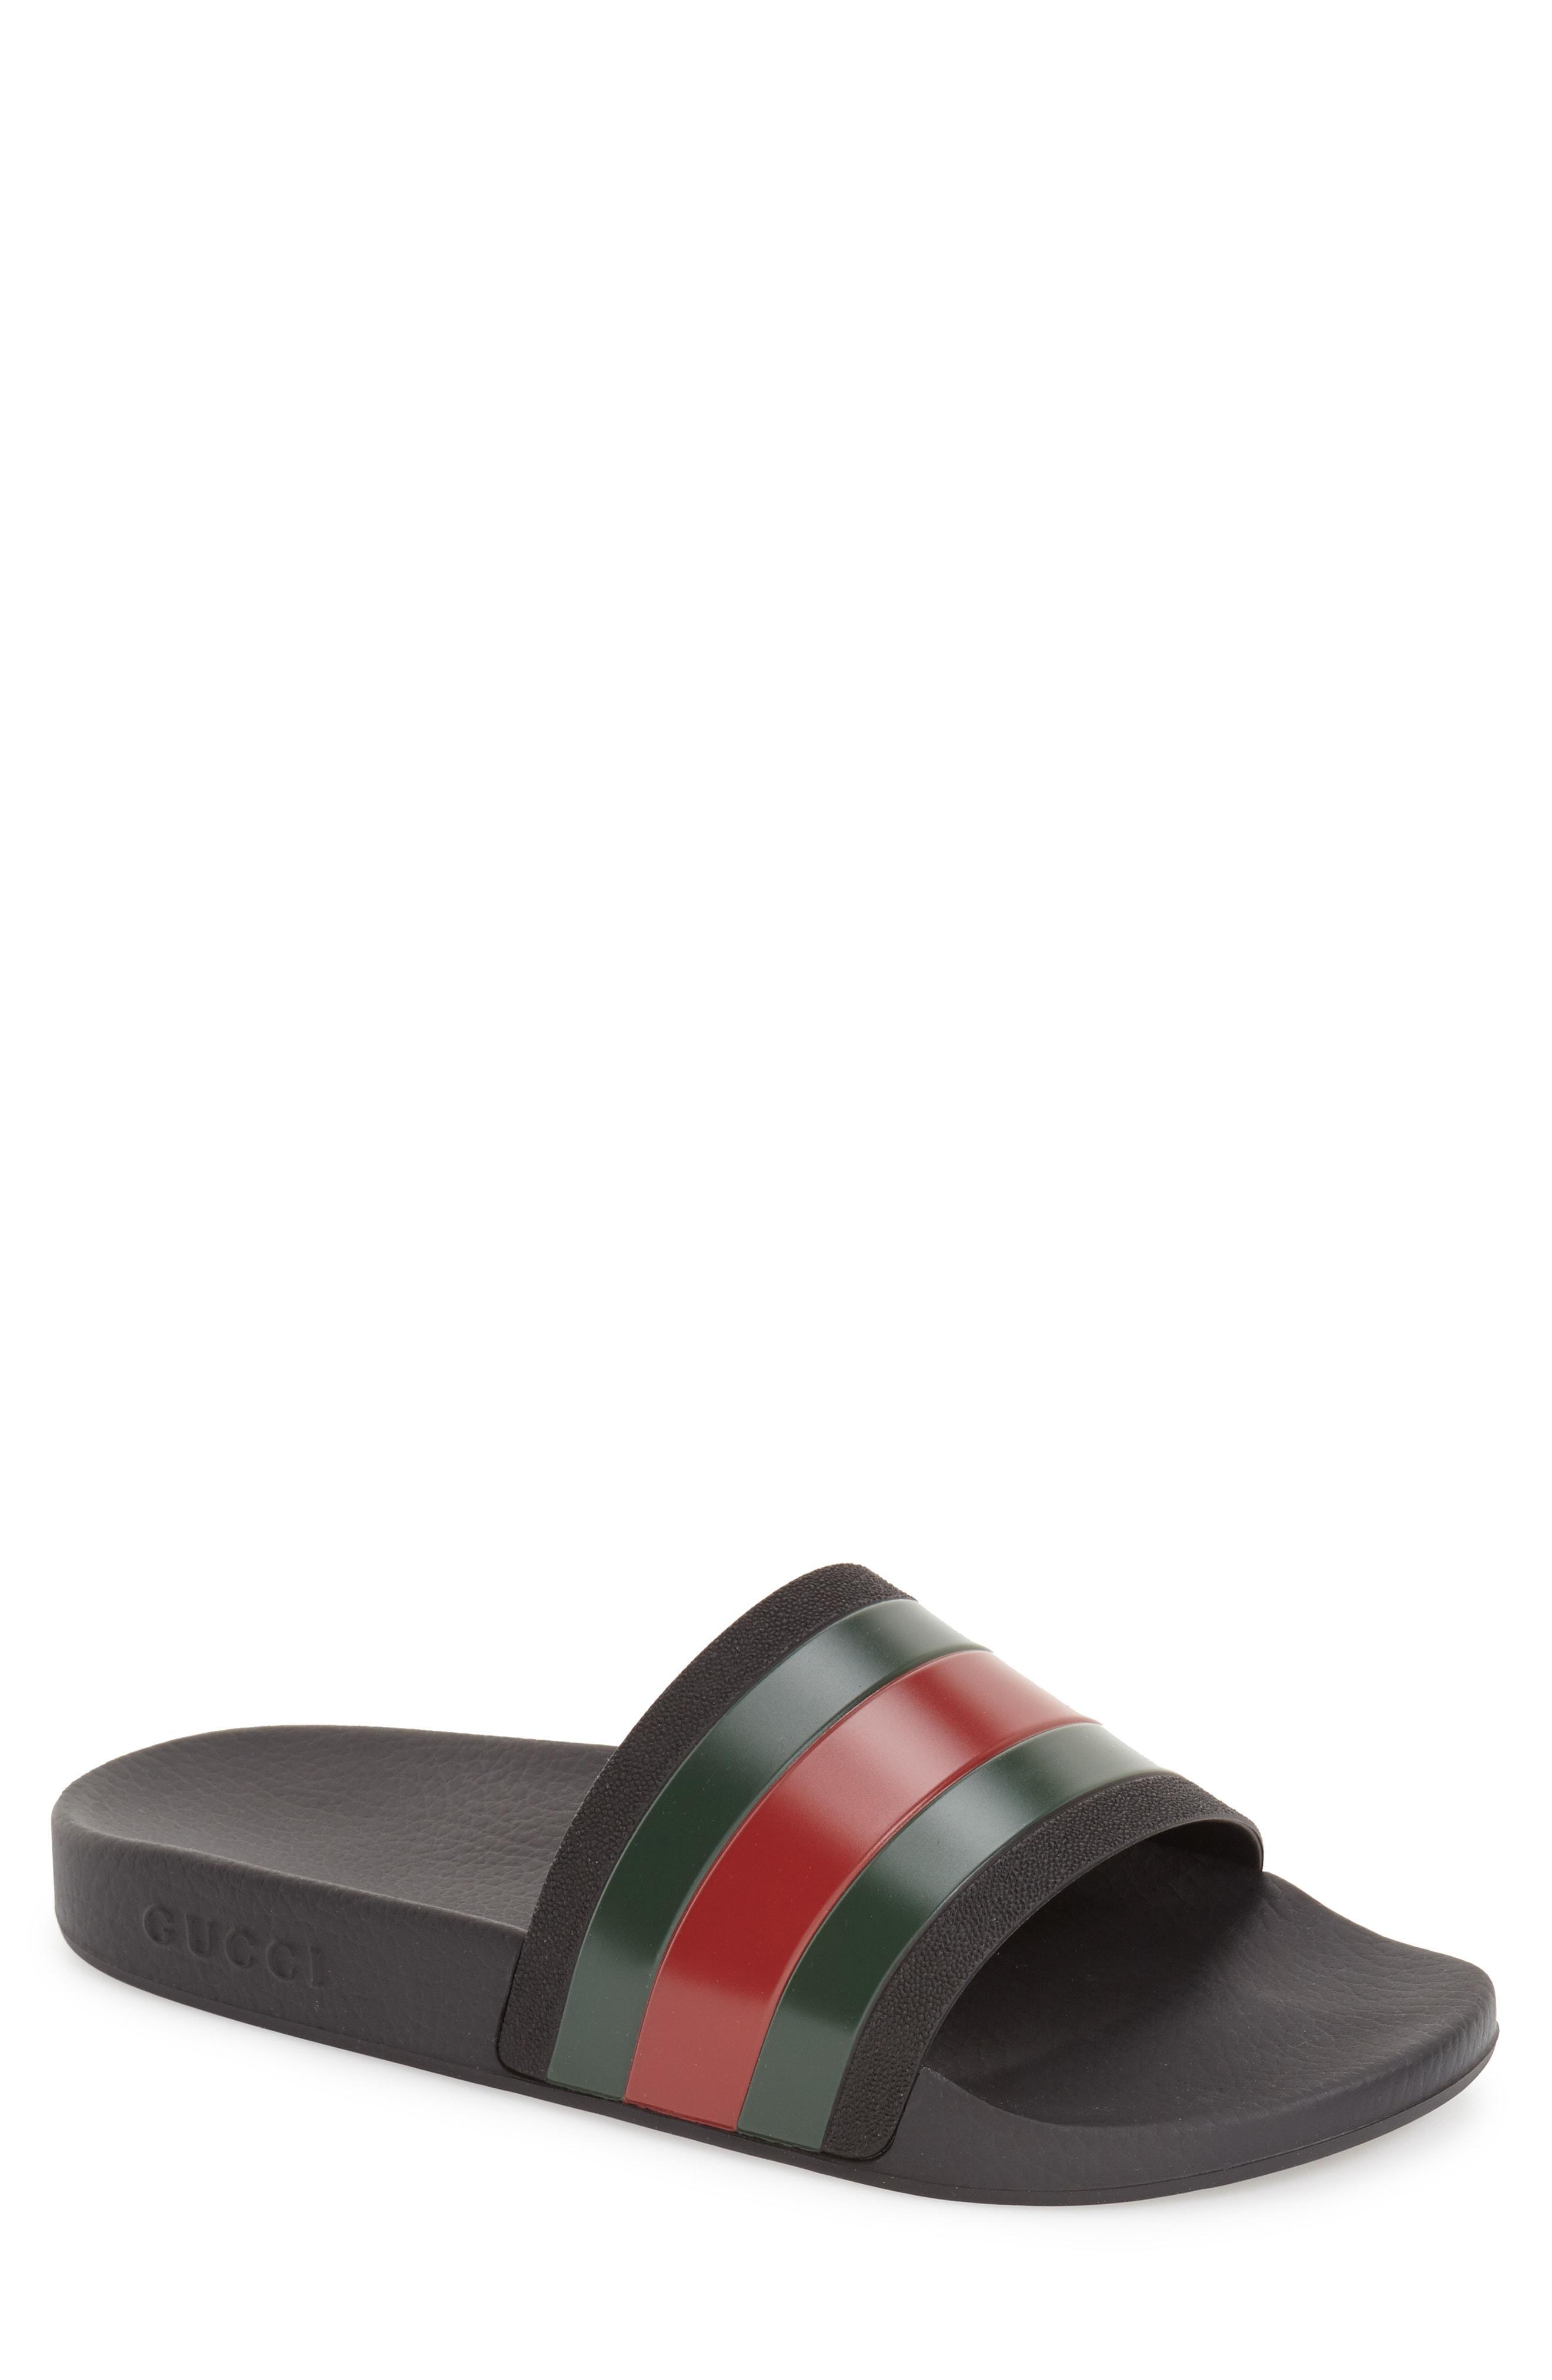 609d955a2bc0 Men s Gucci Pursuit Rubber Slide Sandal